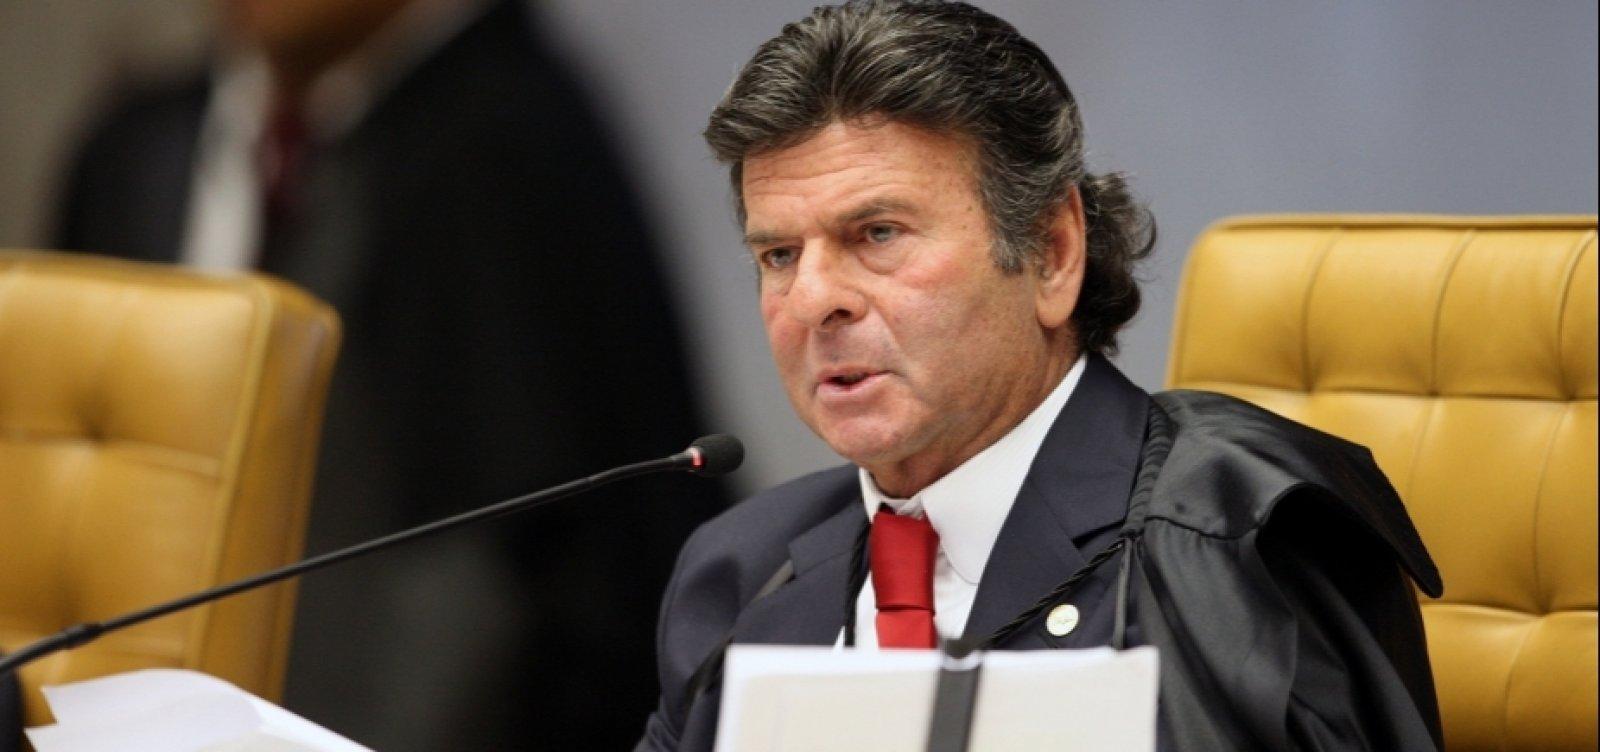 Desobediência de Bolsonaro a decisões do STF será crime de responsabilidade, diz Fux